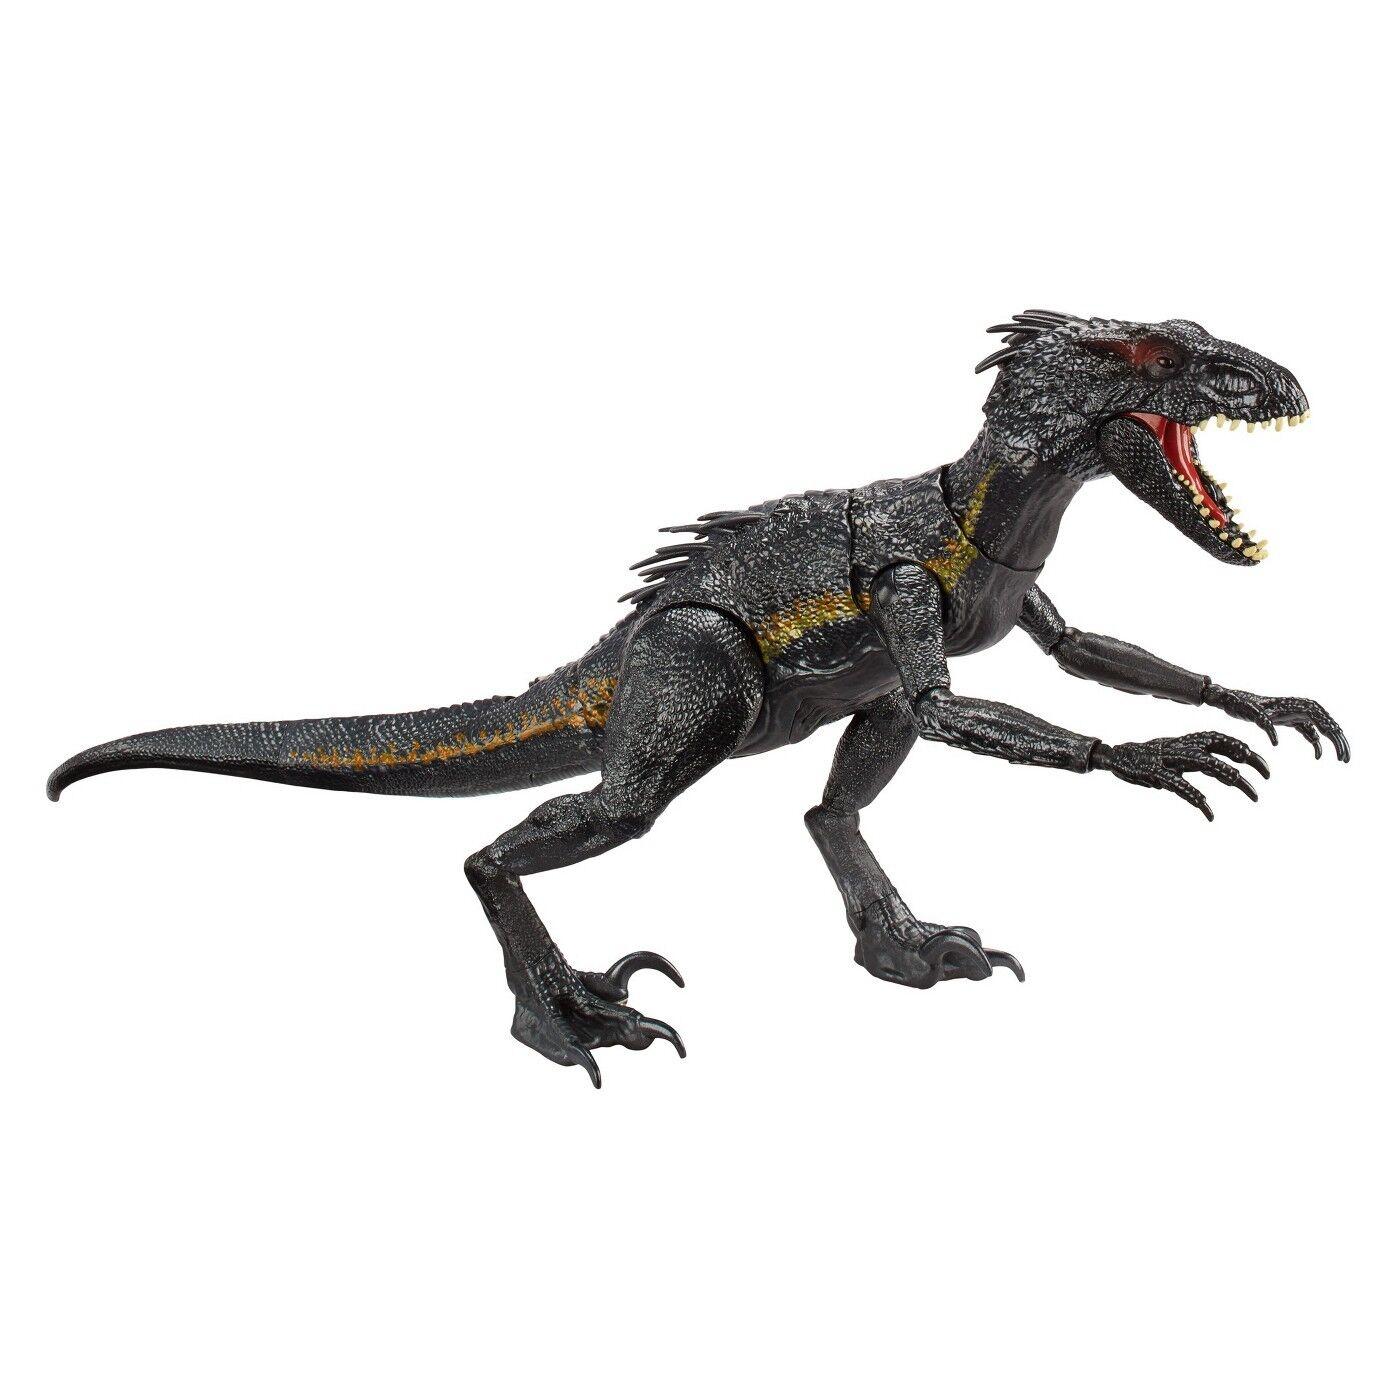 Jurassic World Gefallenen Kingdom Greifen'n Knurren Indoraptor Dinosaurier - Neu